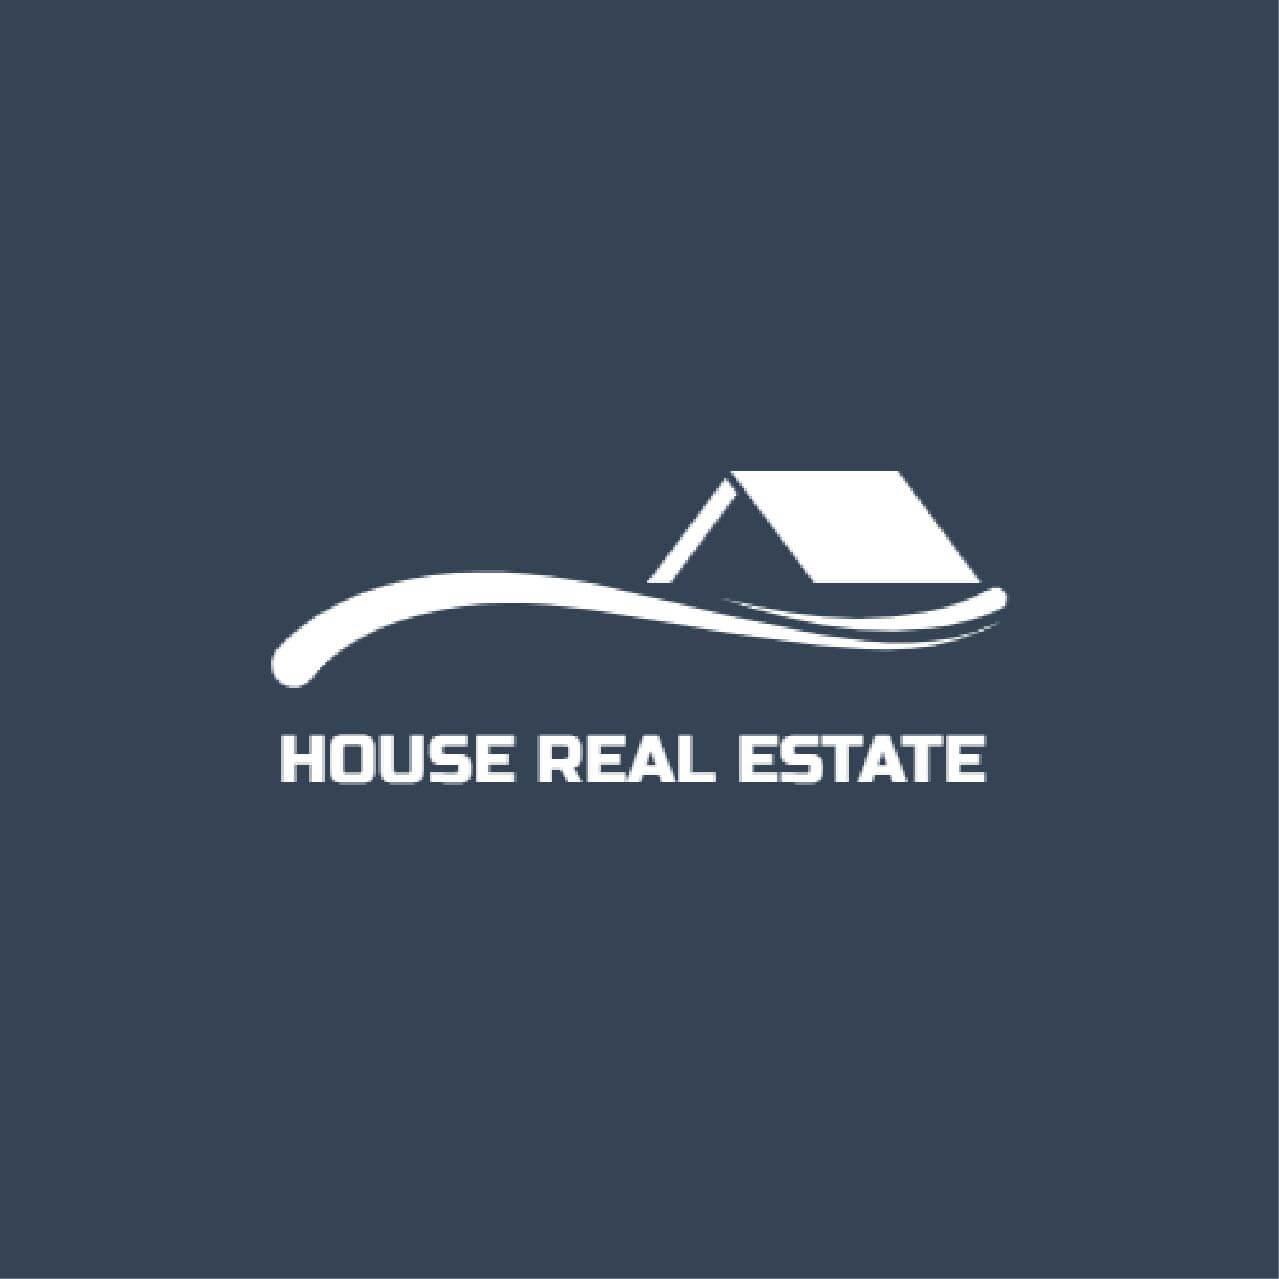 House logo maker